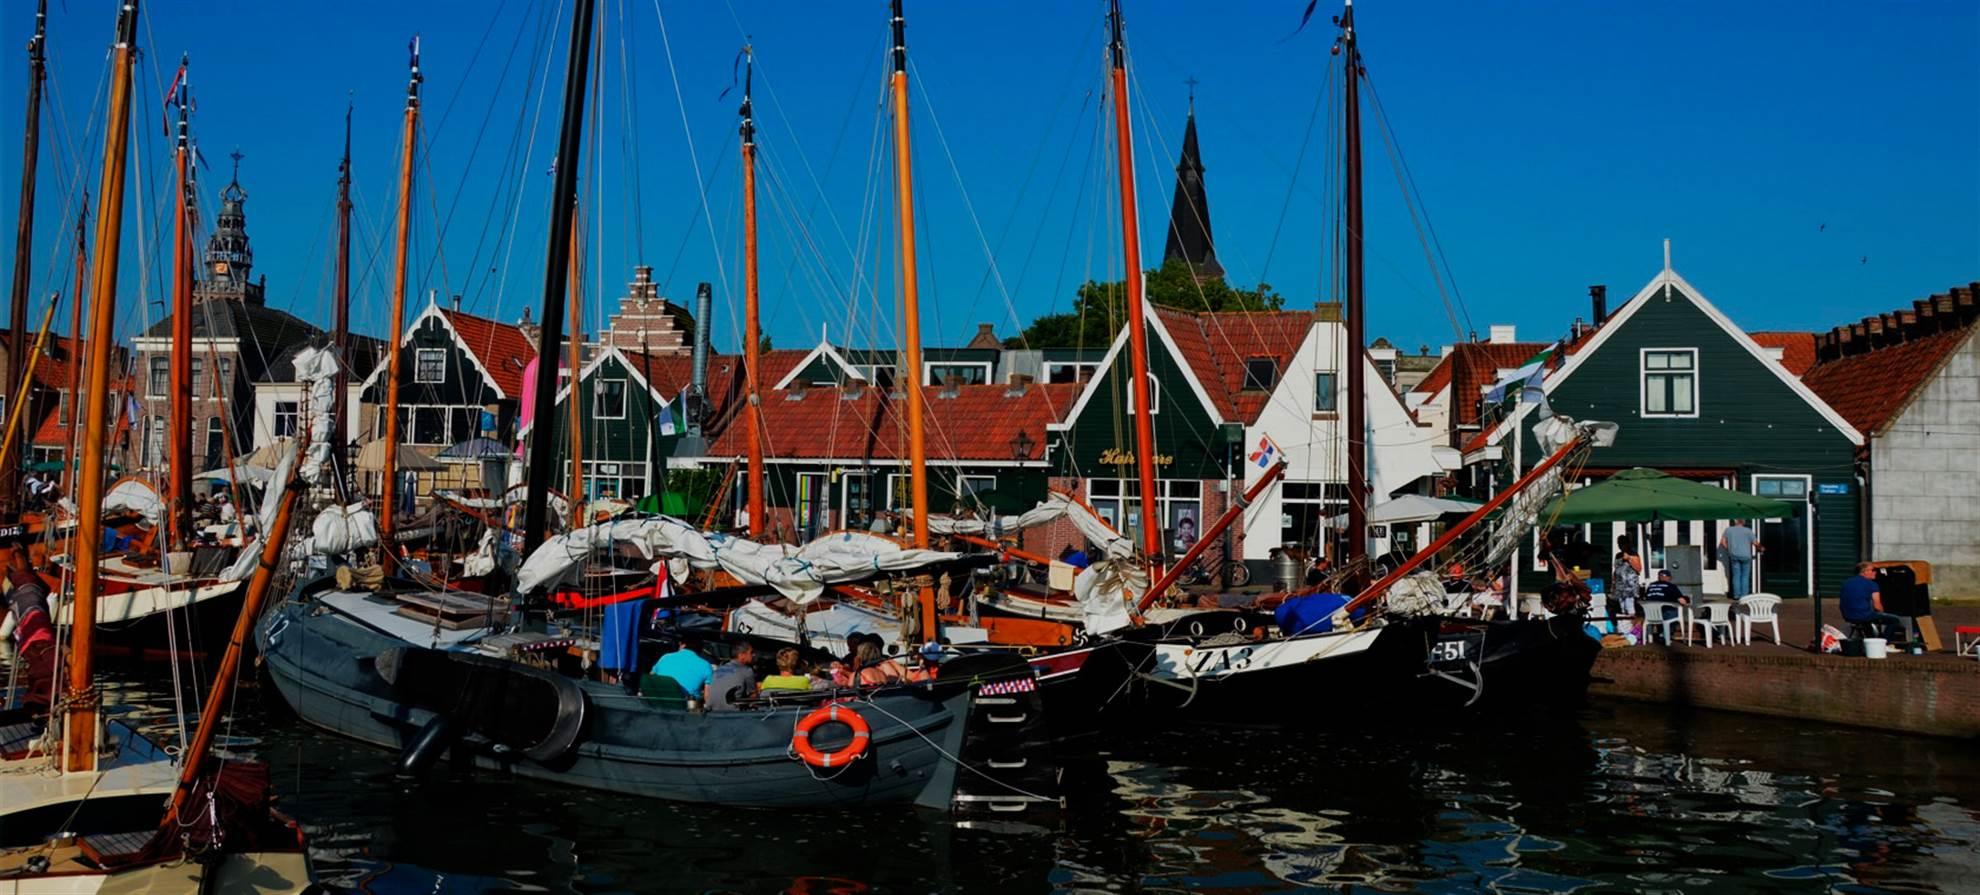 Volendam, Marken y la Zaanse Schans